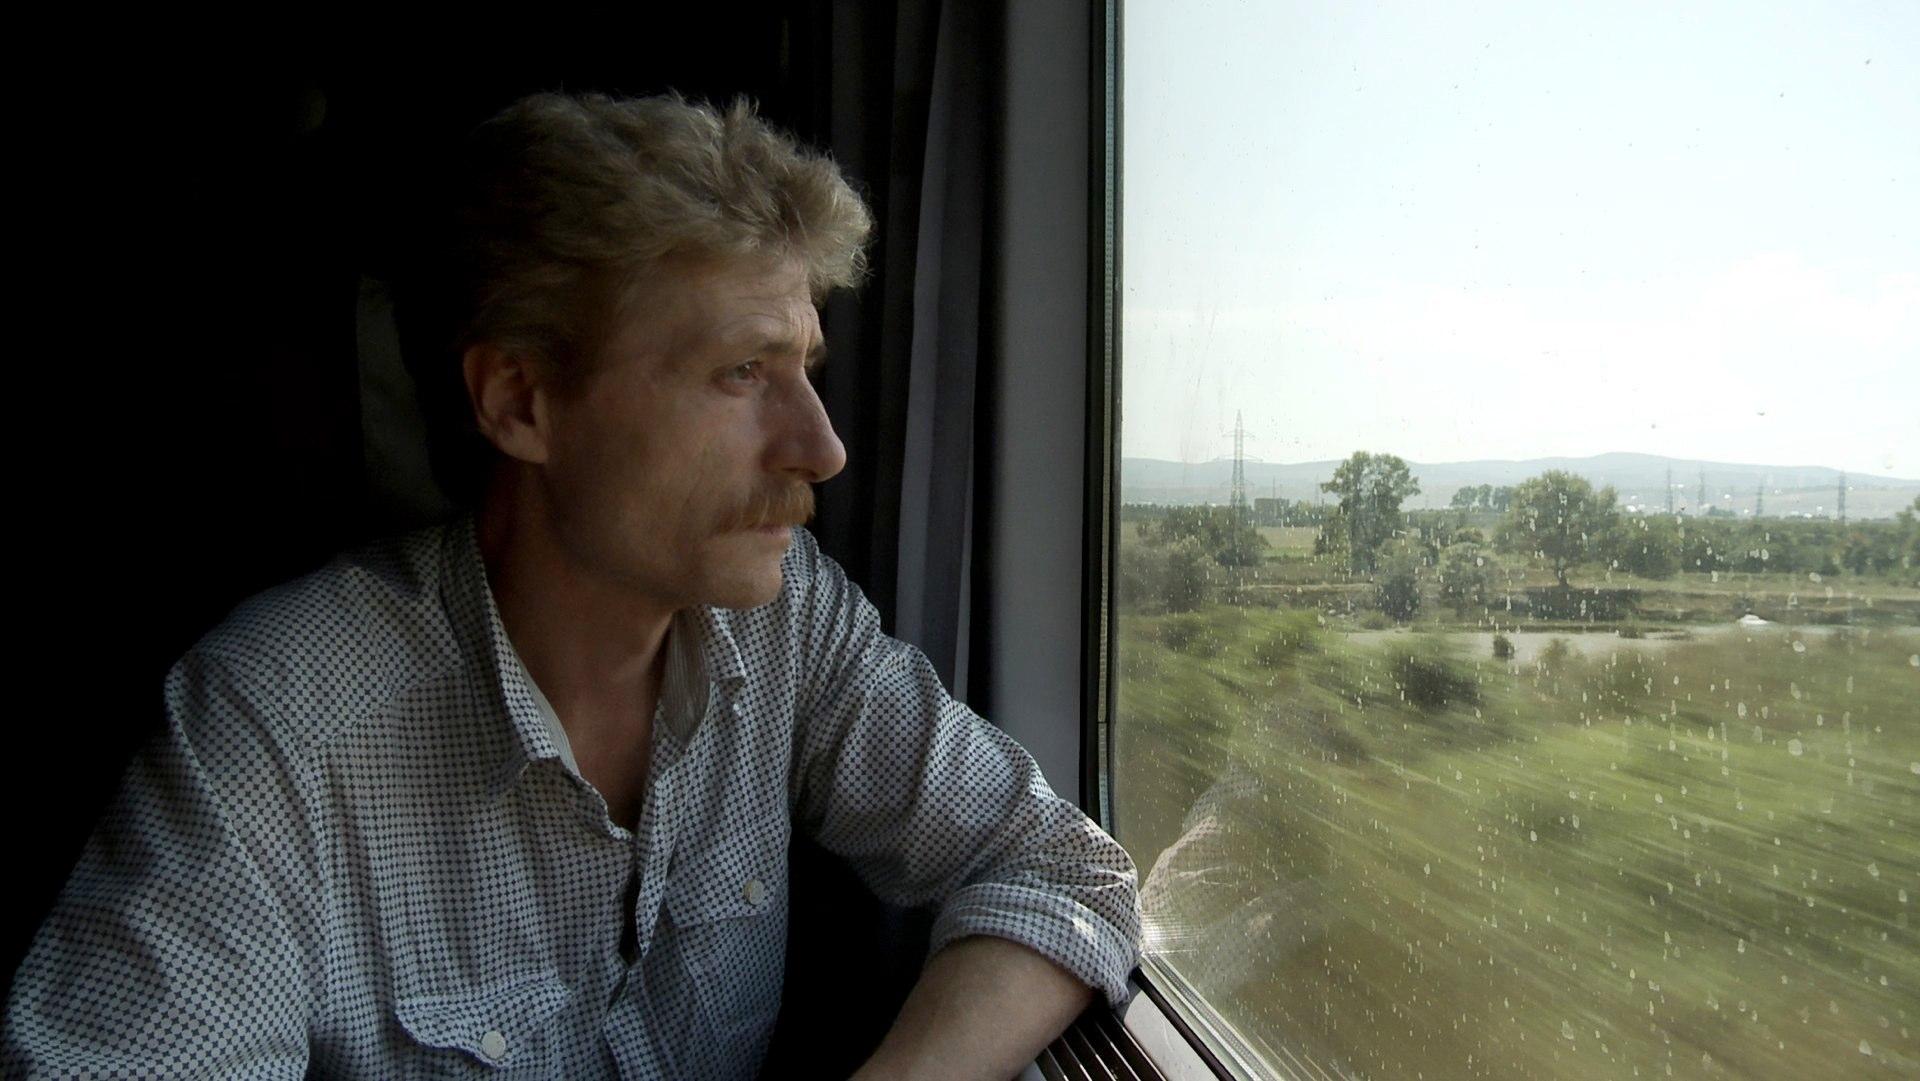 Gabriel im Zug (c) W-film / TAG/TRAUM Filmproduktion